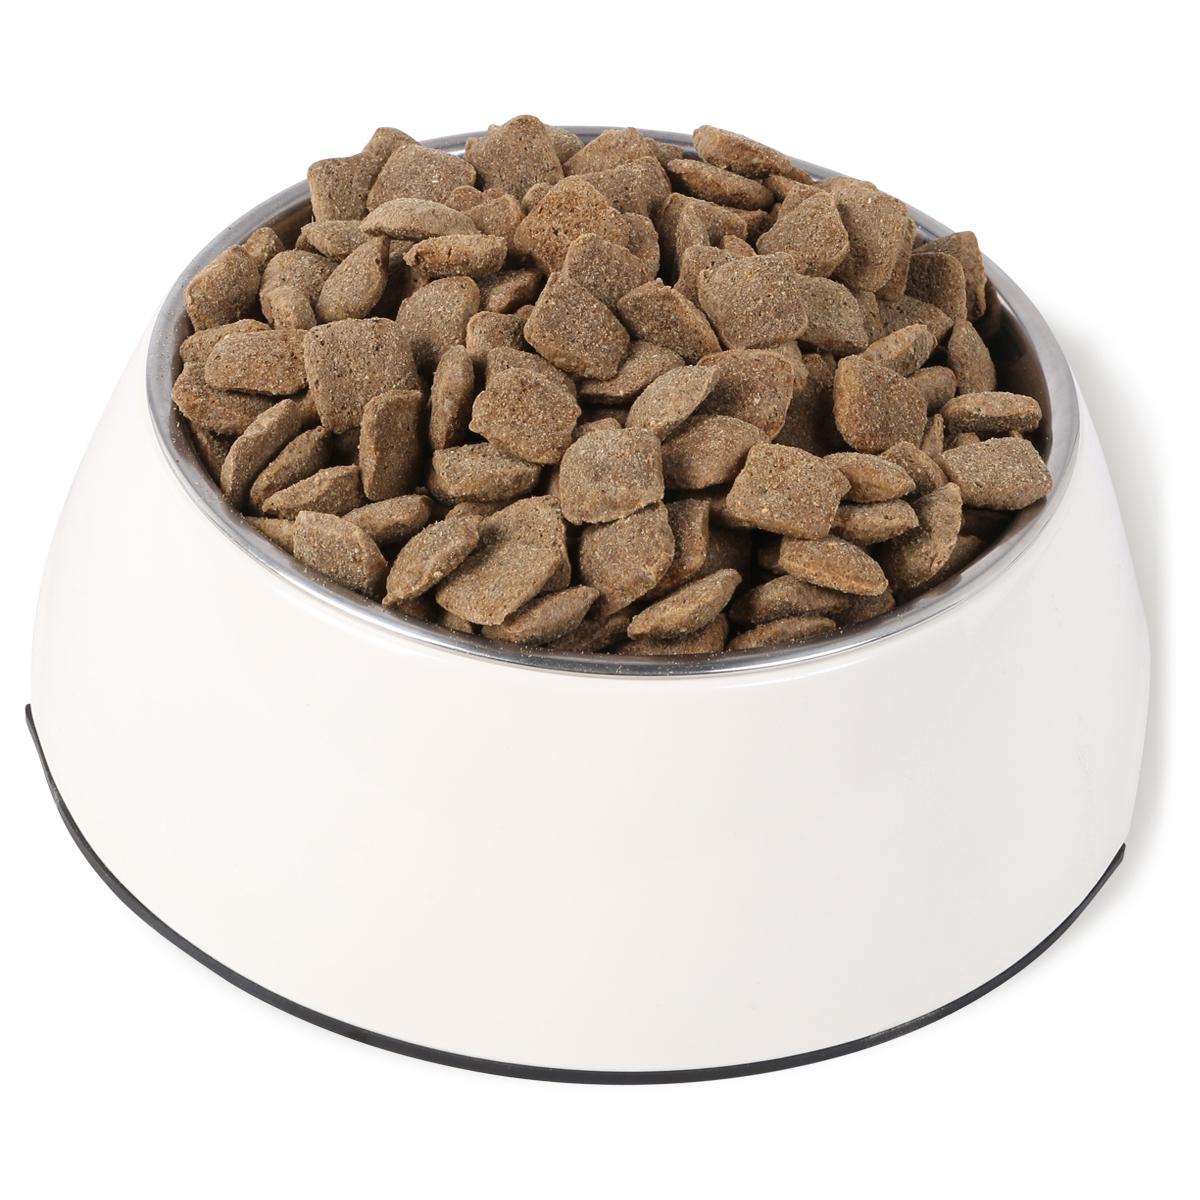 bosch hpc soft senior ziege kartoffel kaufen bei zooroyal. Black Bedroom Furniture Sets. Home Design Ideas